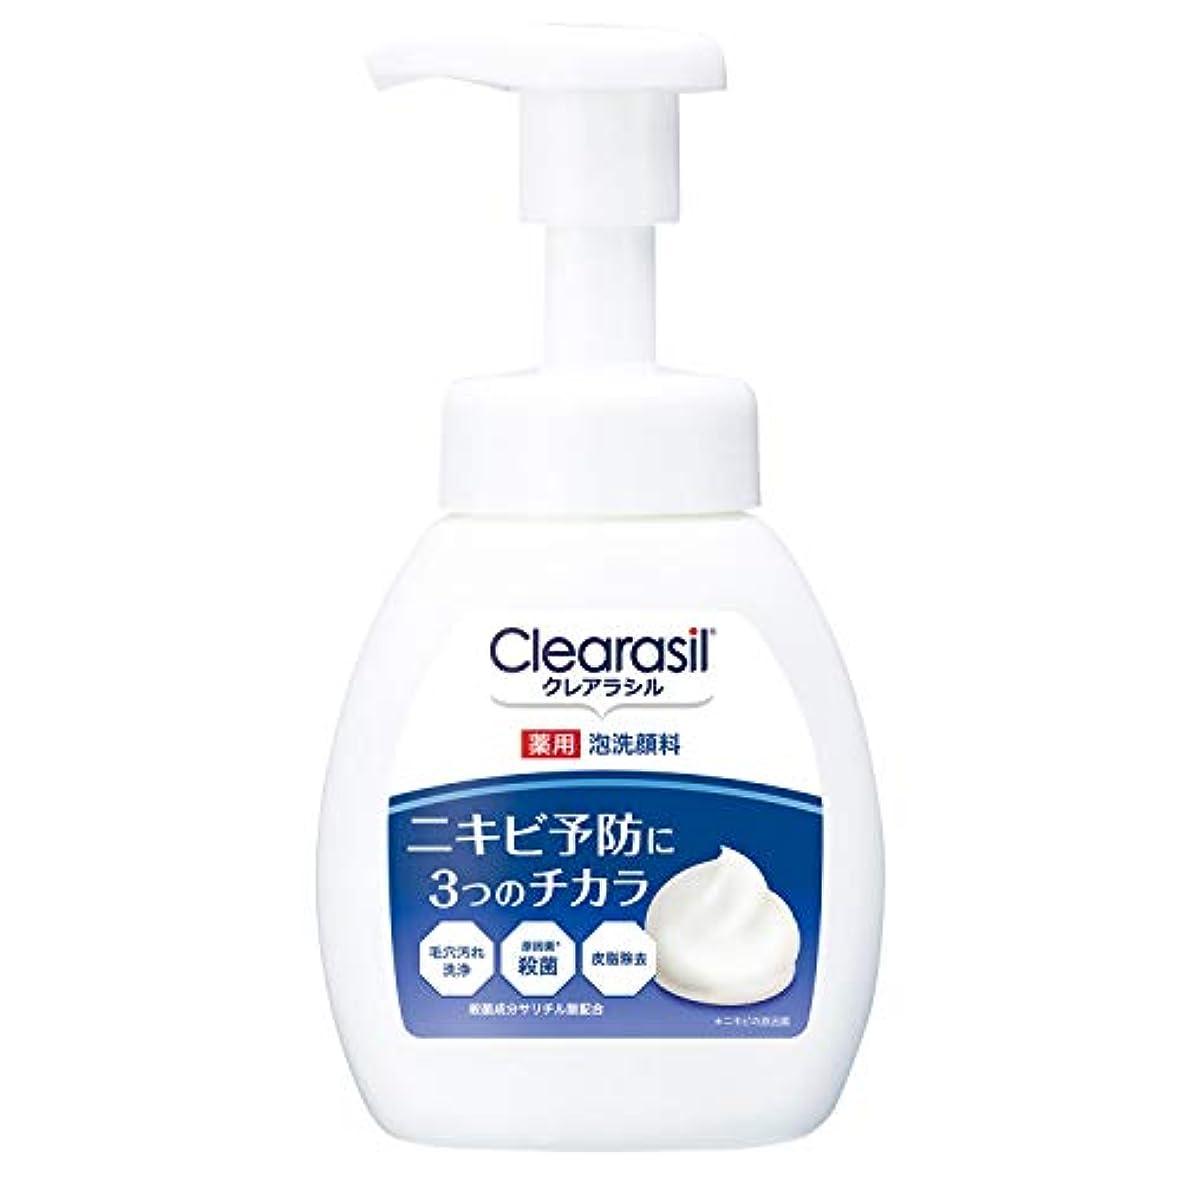 クレアラシル 薬用泡洗顔フォーム 10 本体 200ml